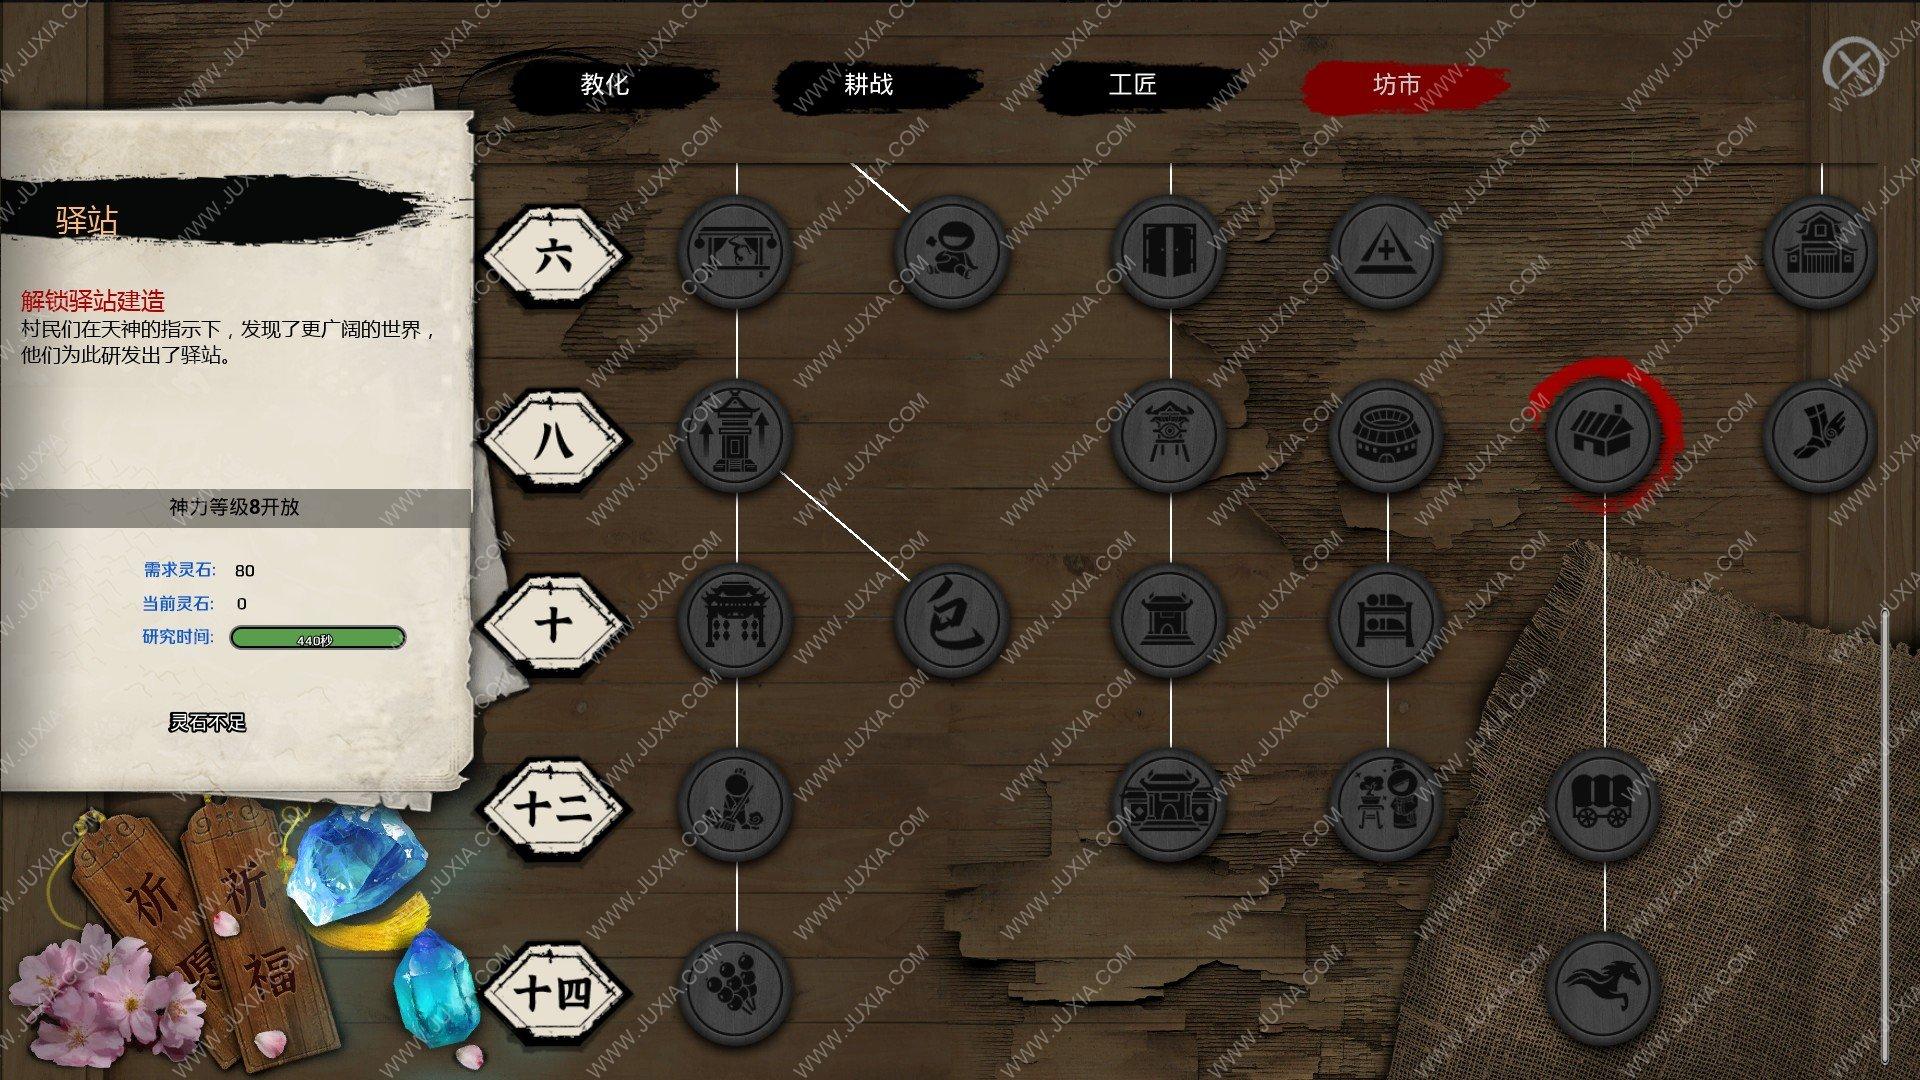 天神镇游戏攻略探索篇 怎么寻找宝物